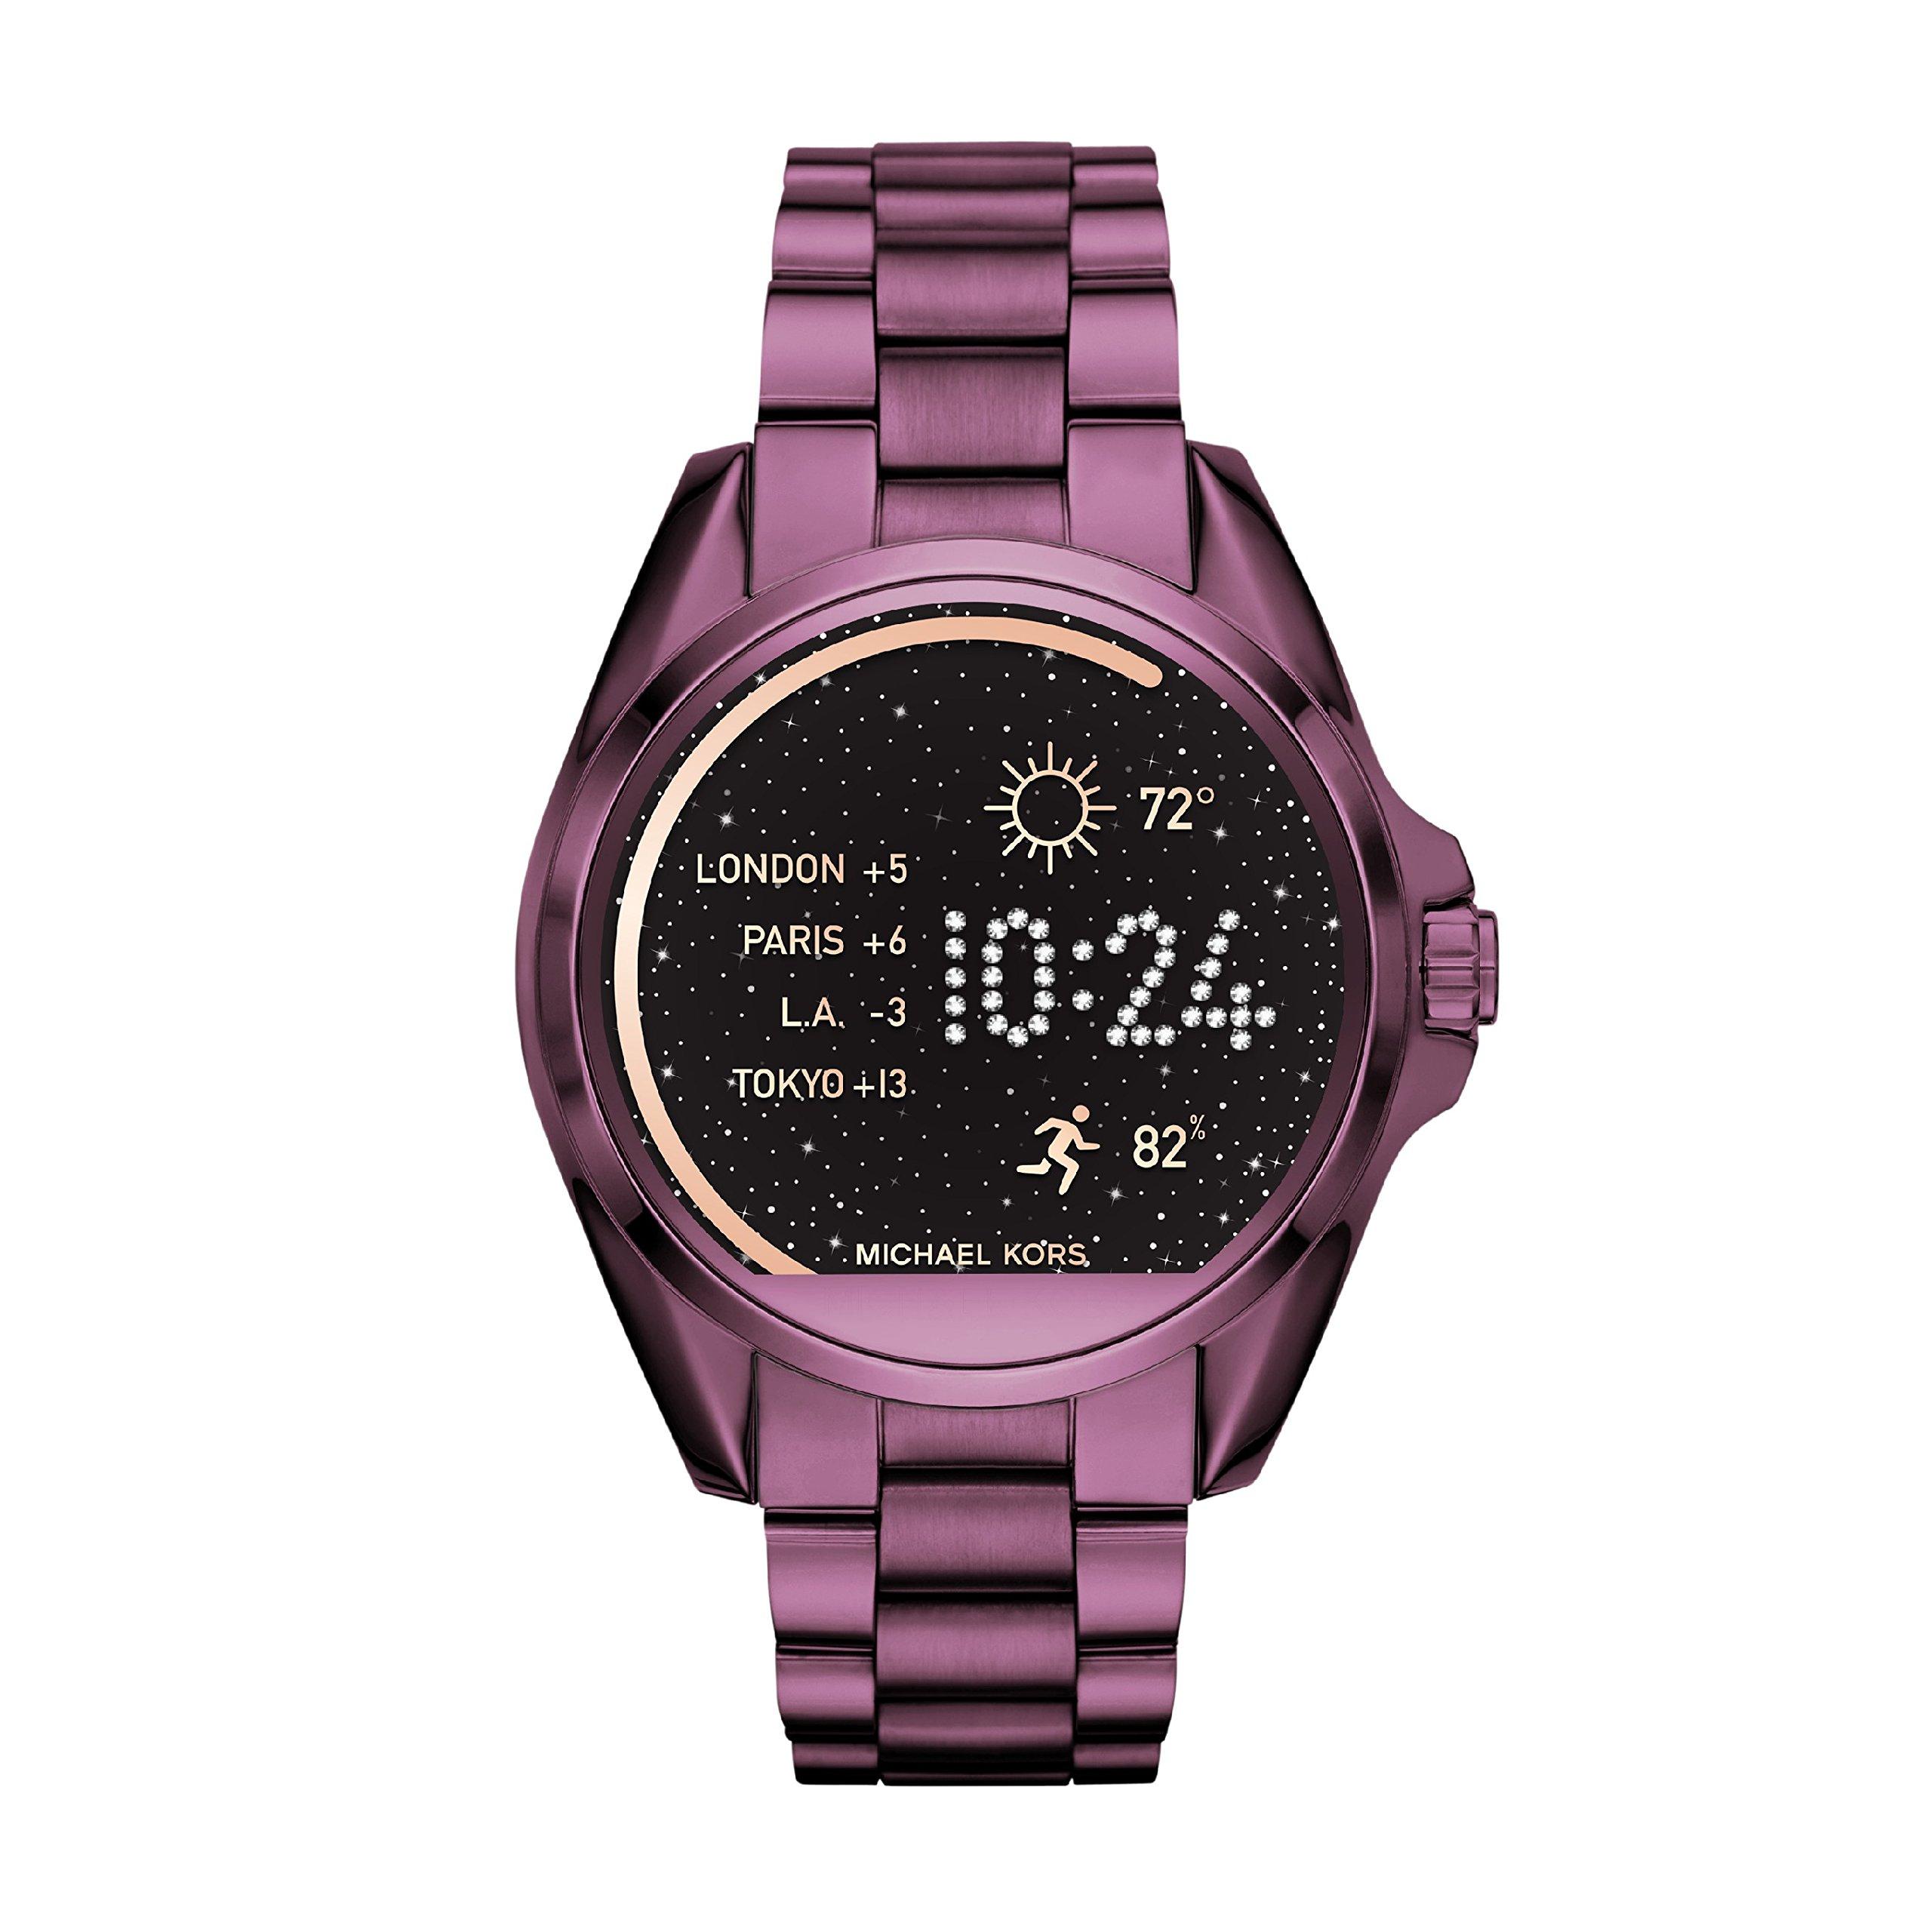 MICHAEL KORS BRADSHAW smartwatch MKT5017